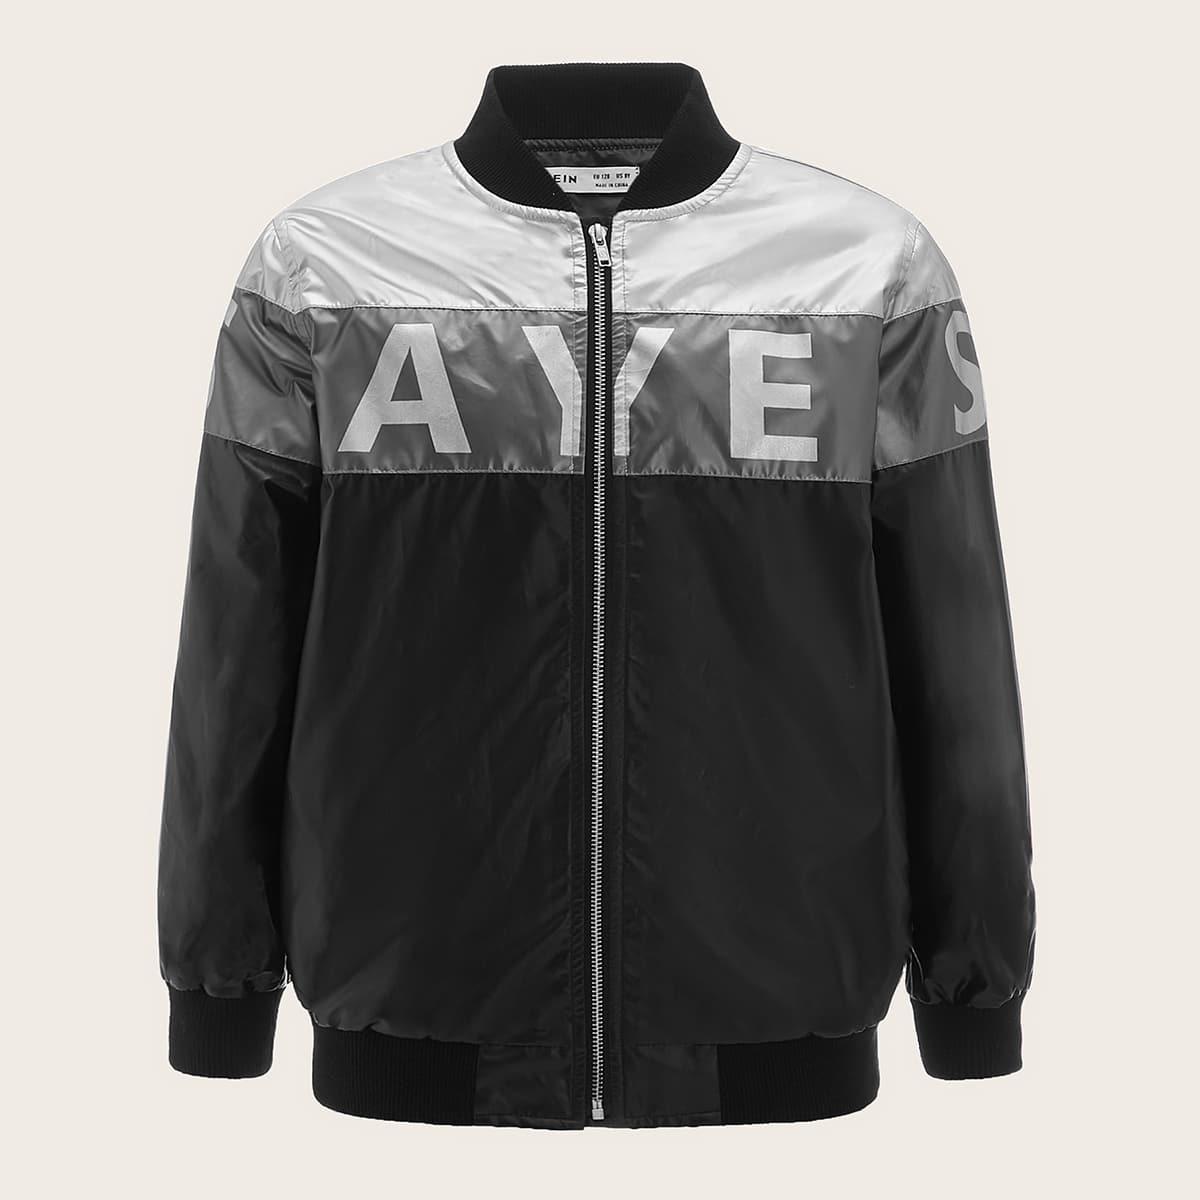 Контрастная куртка из искусственной кожи с текстовым принтом и молнией для мальчиков